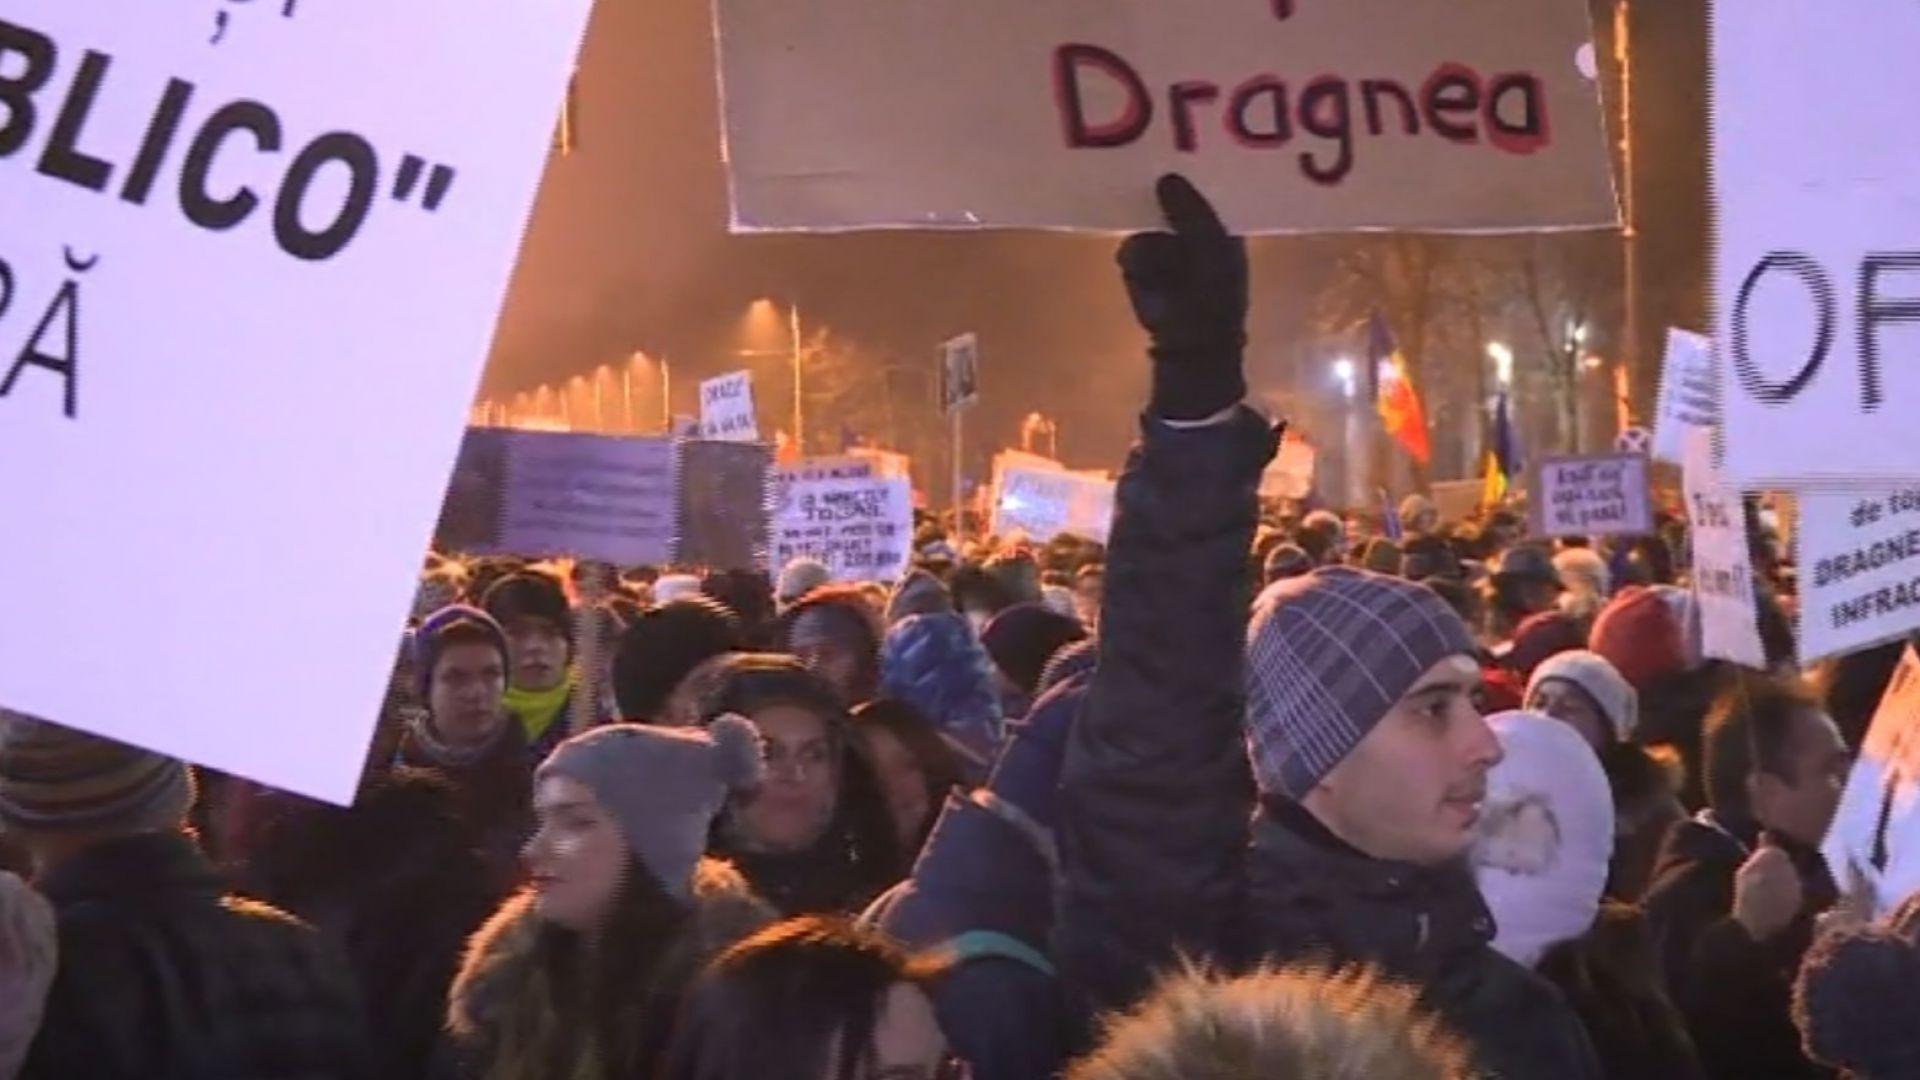 Политическо земетресение в Румъния - политици бягат, хората недоволстват